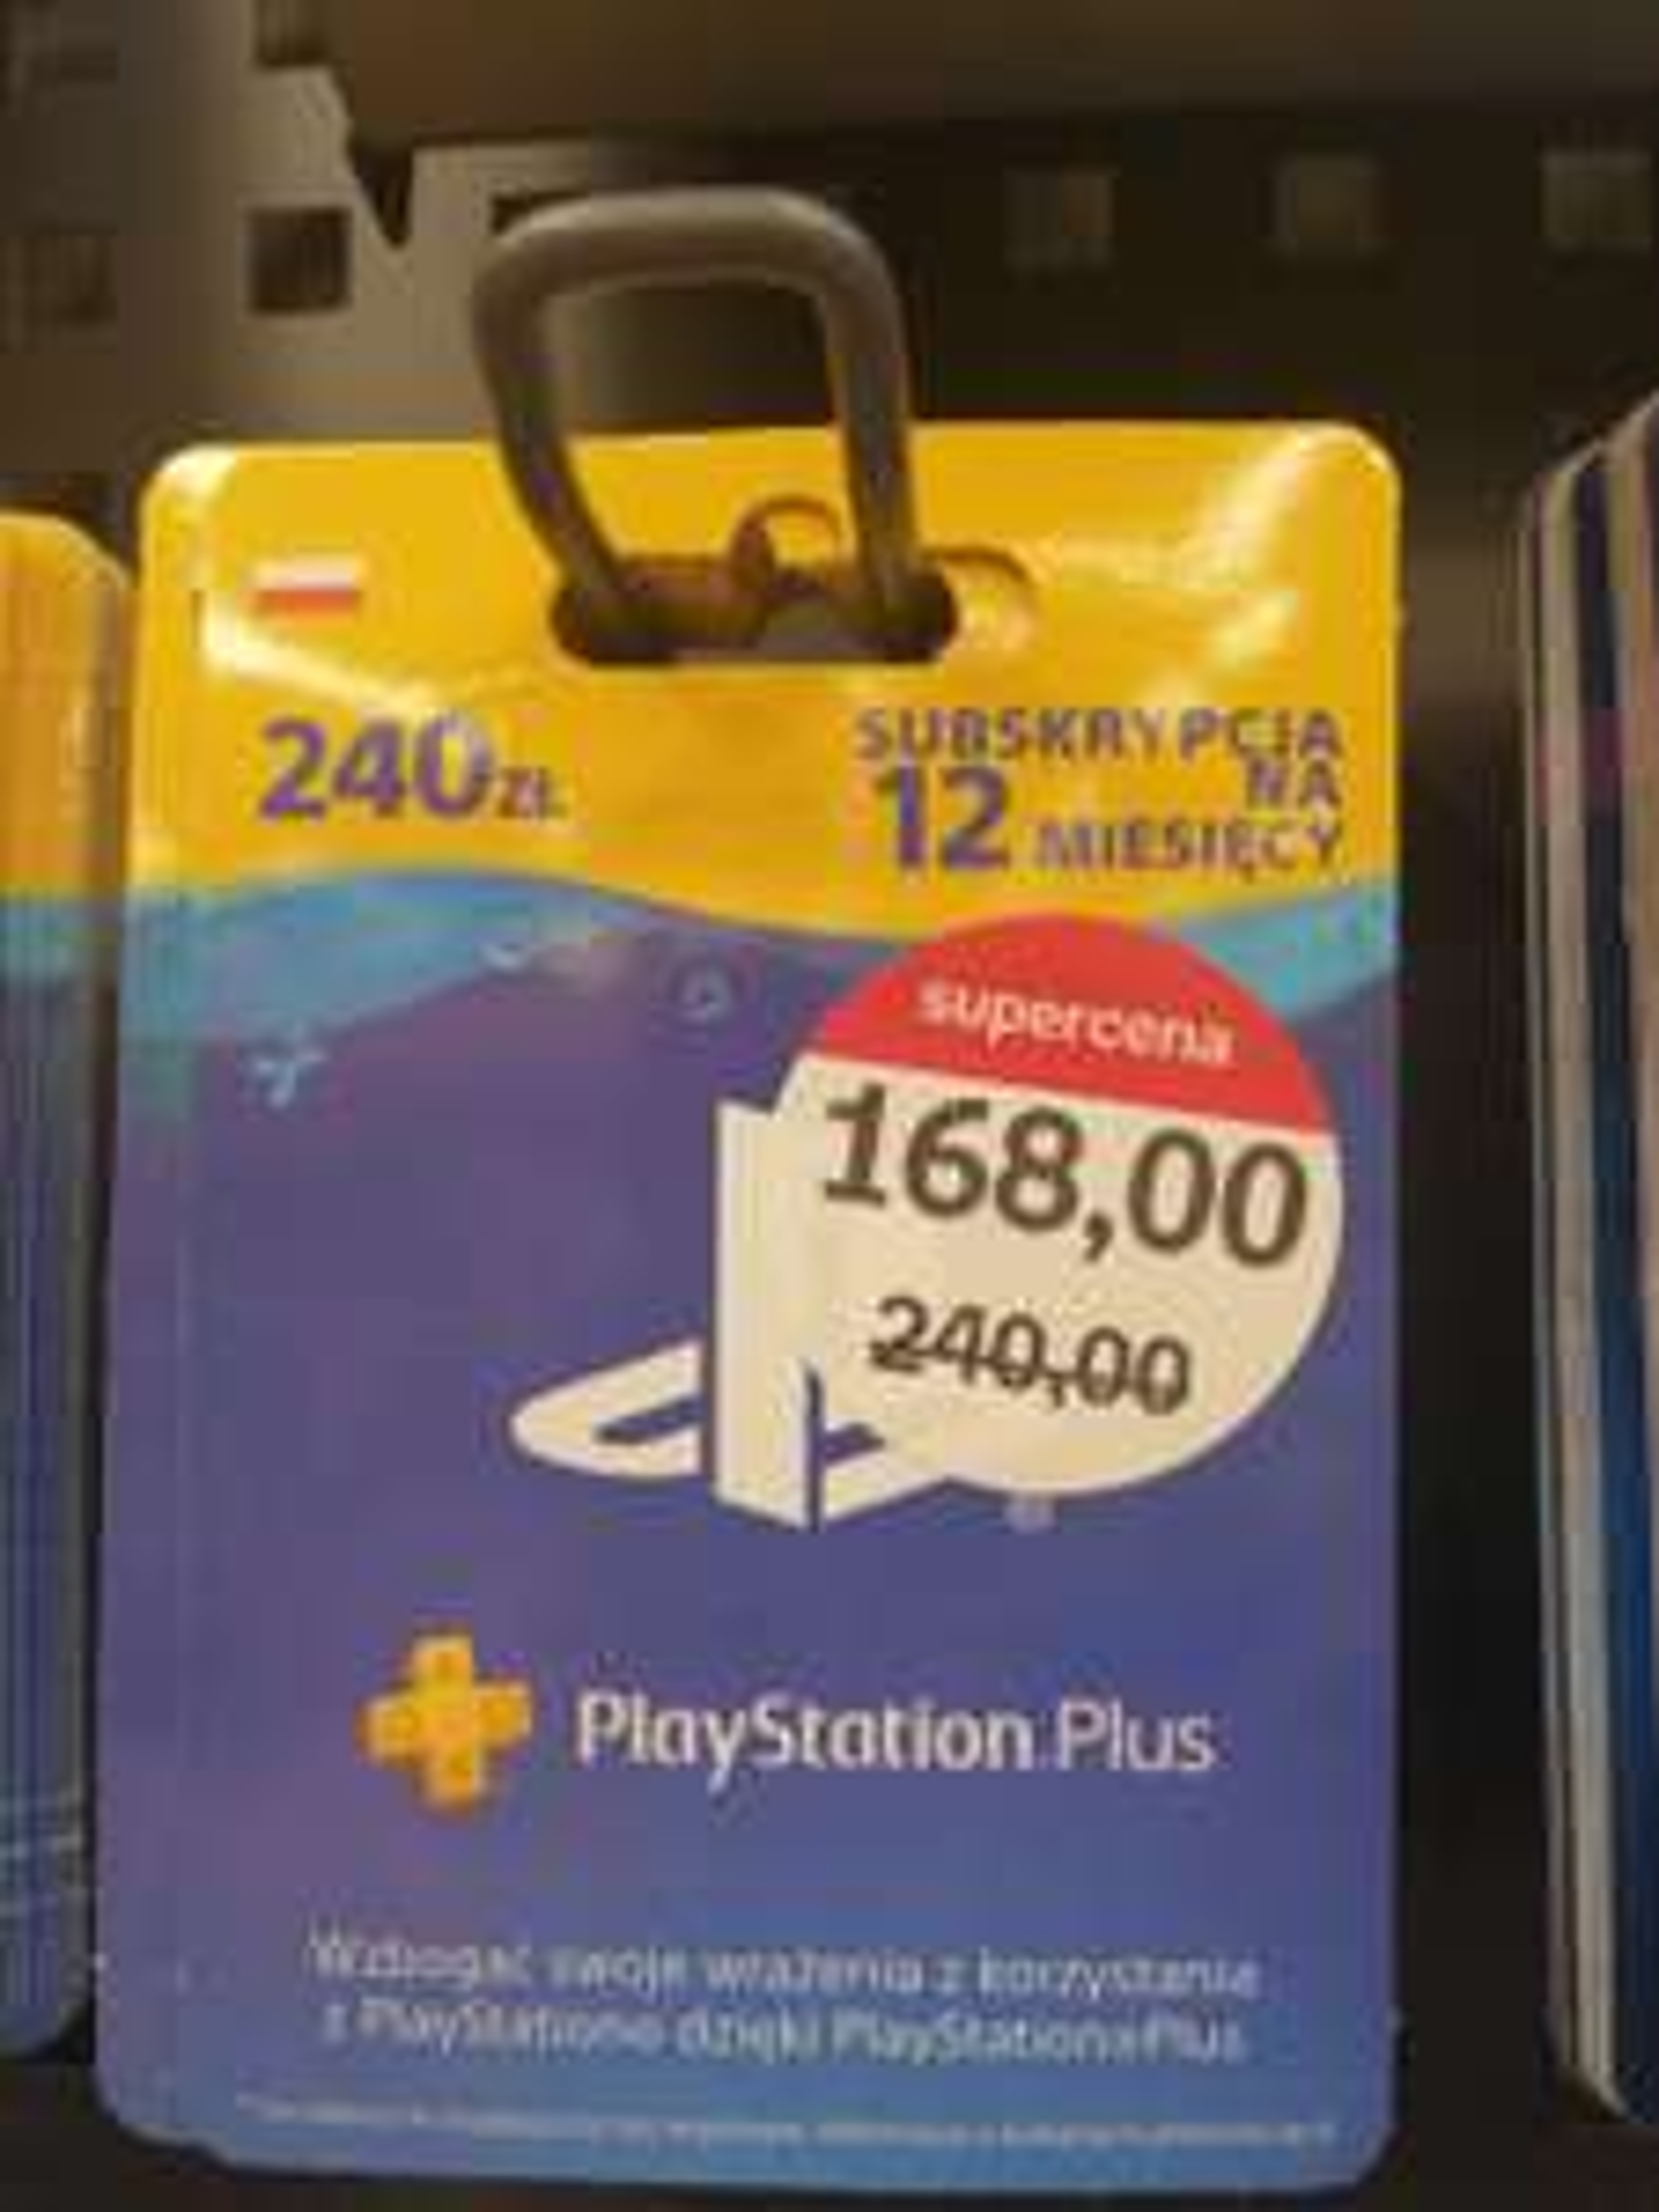 PlayStation Plus 12 miesięcy za 168 zł